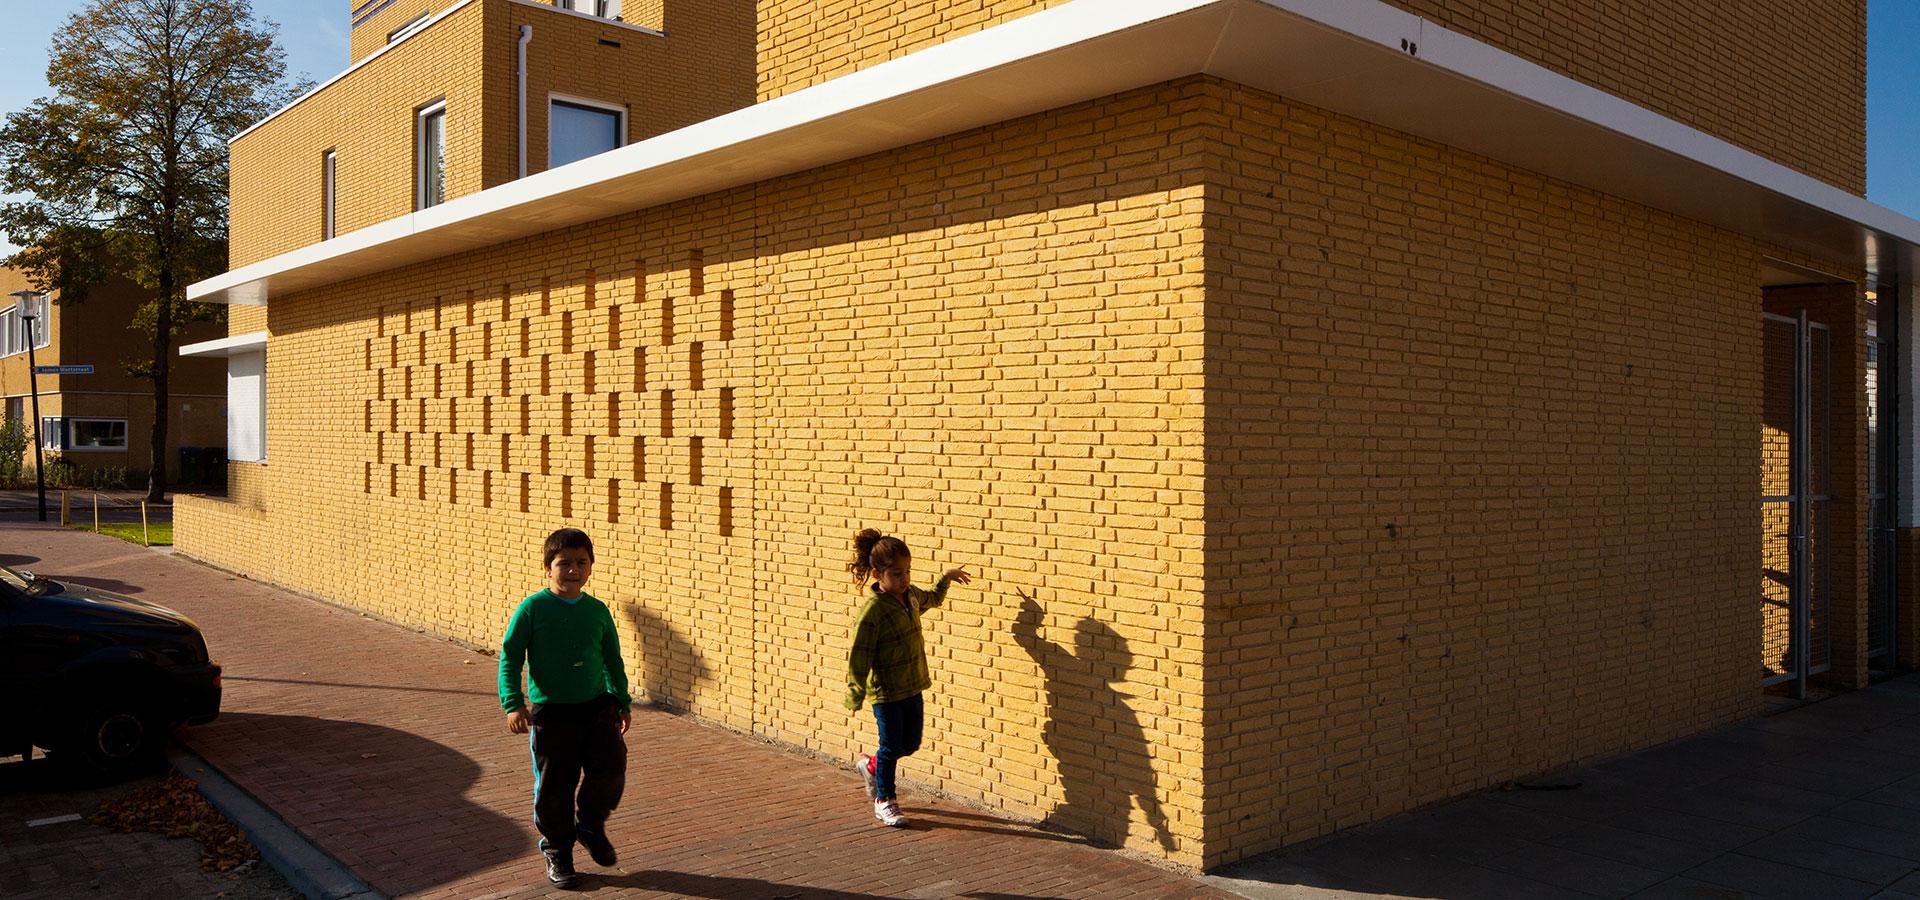 FARO architecten Uitvindersbuurt Ede 09